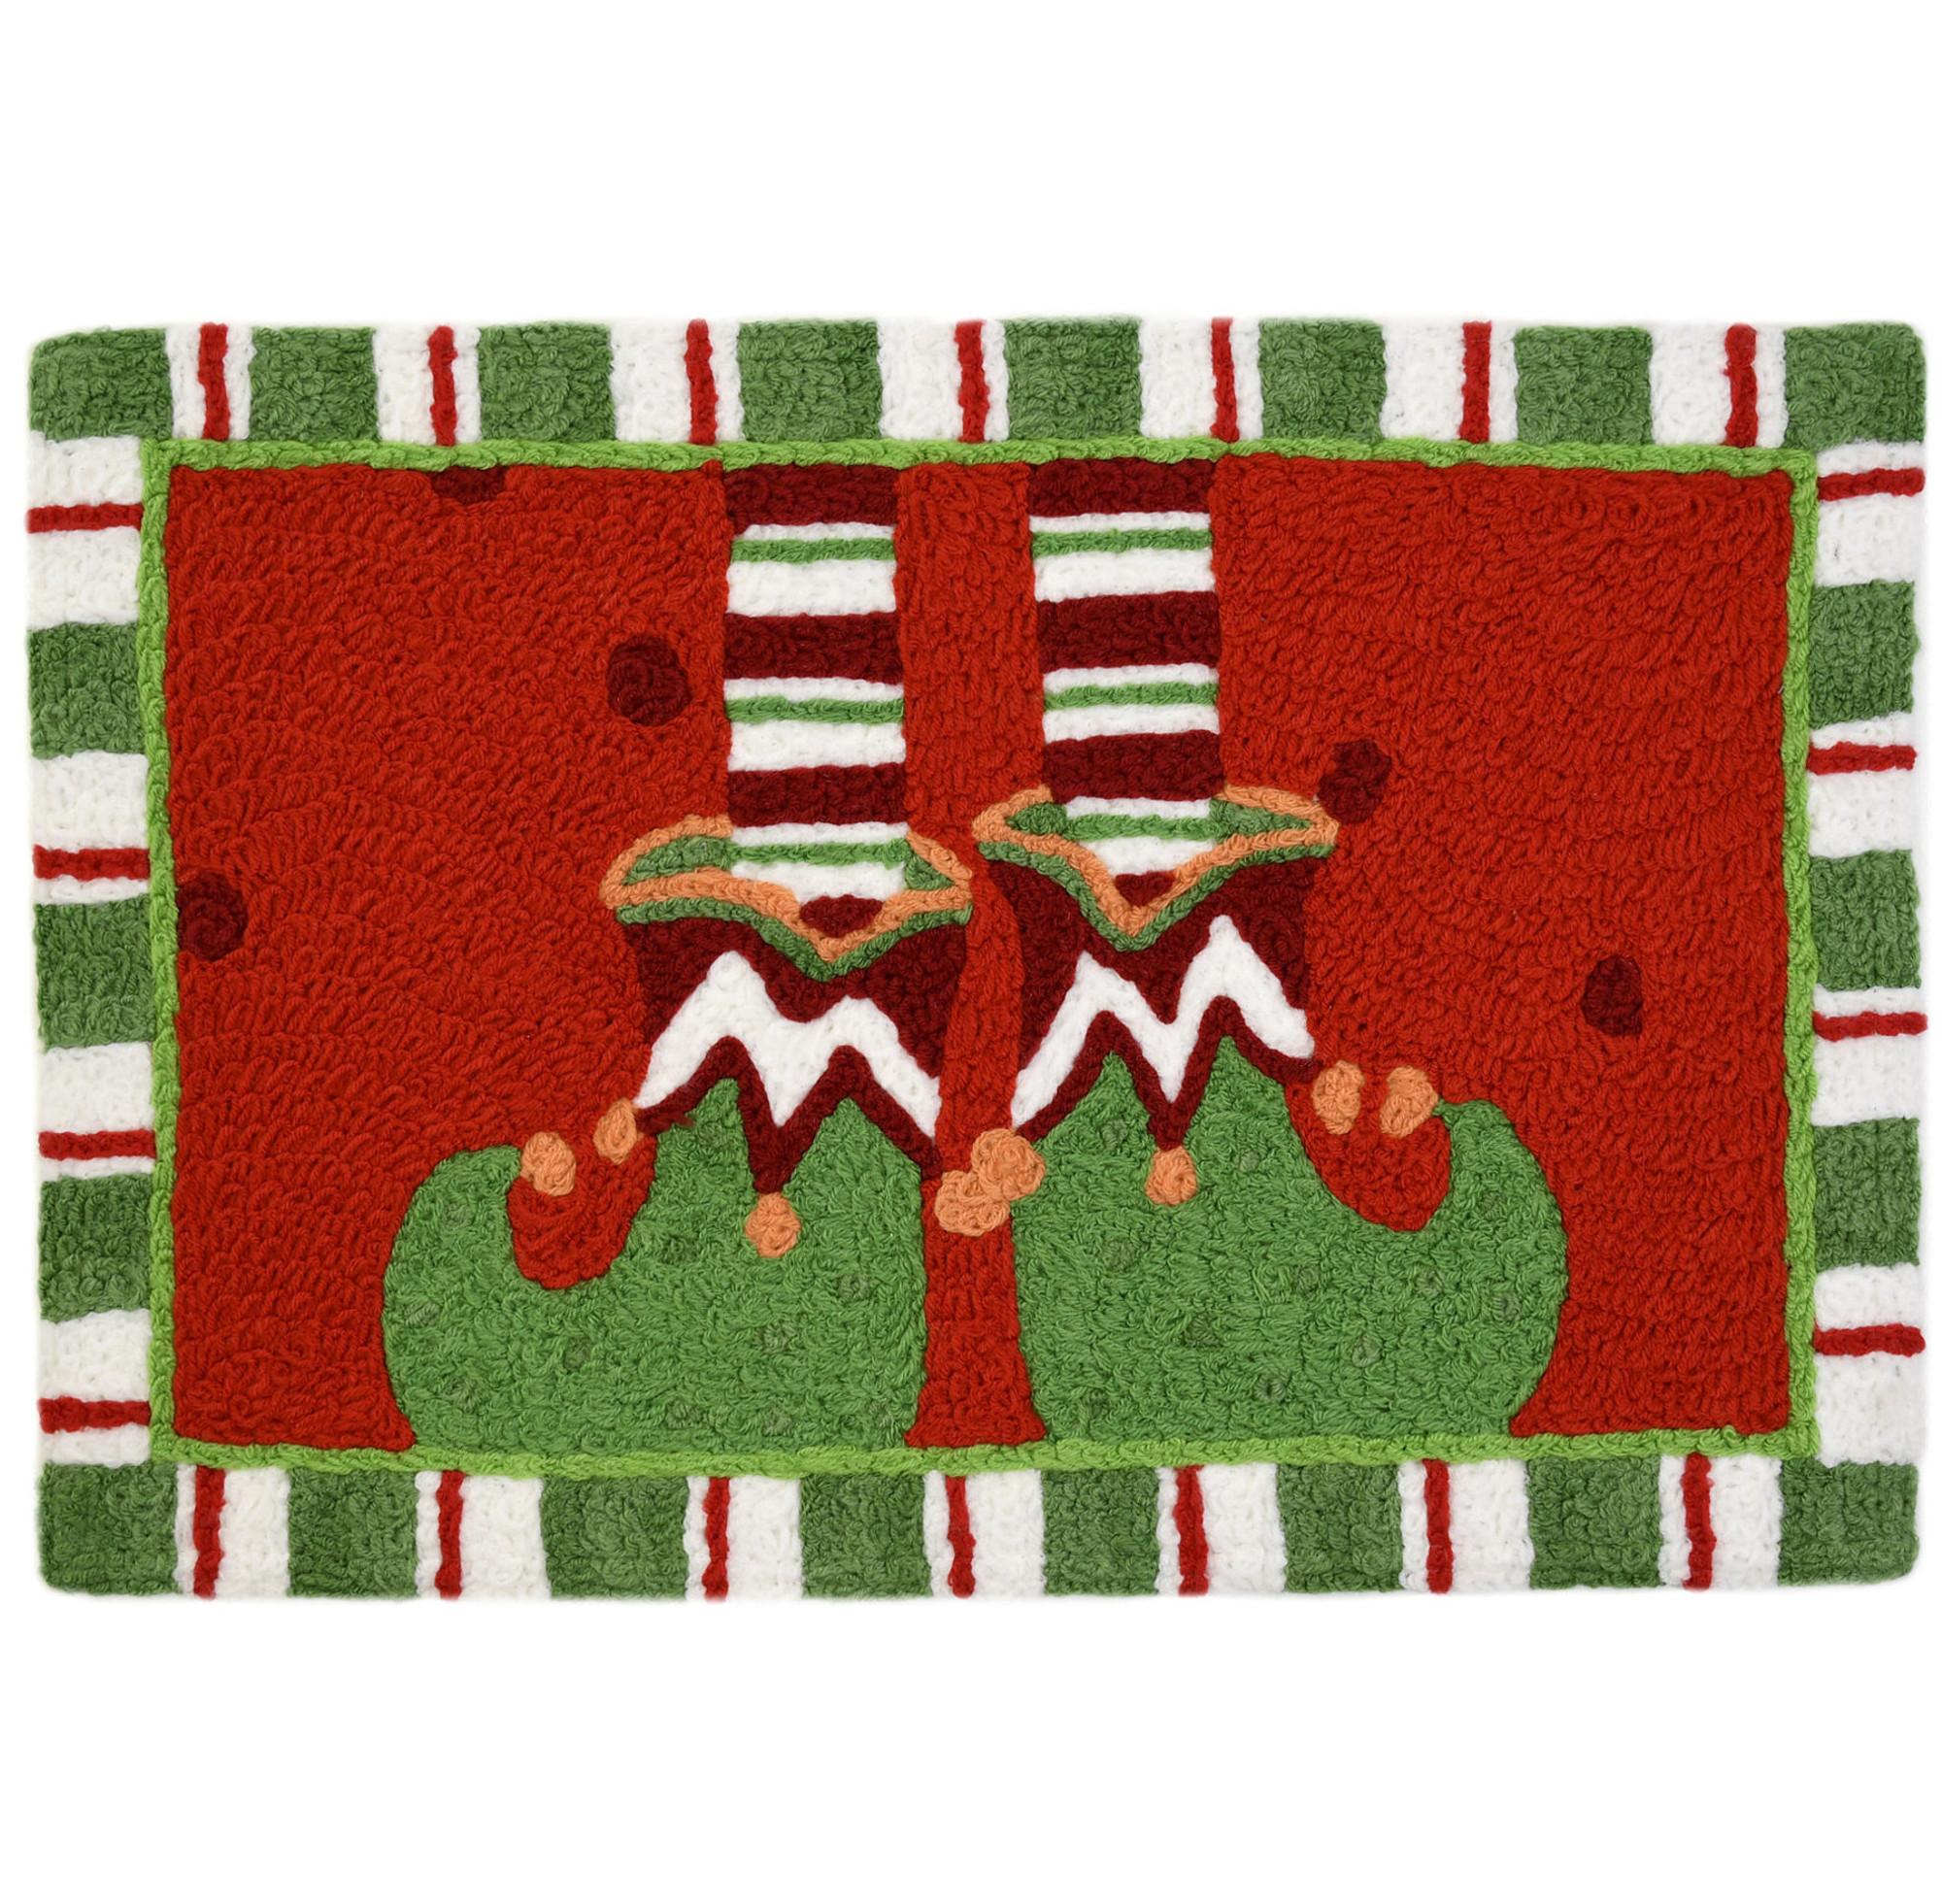 Santa's Elves Slippers Christmas Rug Holiday Rug 20 x 30 Jellybean Accent Rug